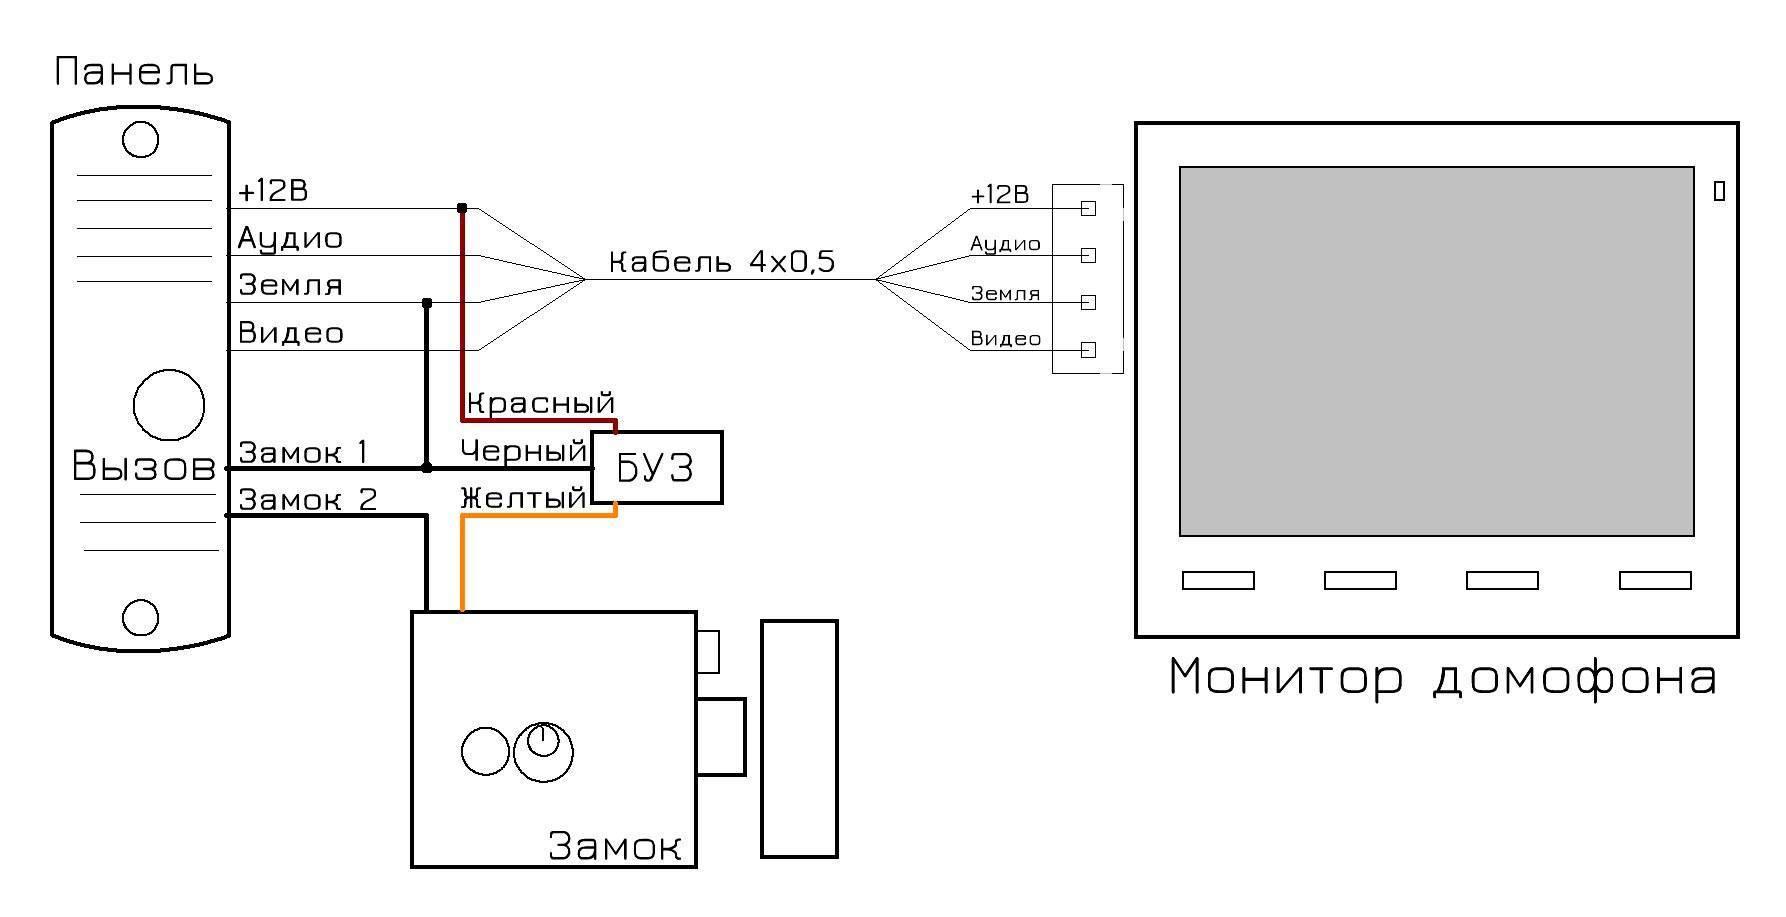 Схема подключения видеодомофона - tokzamer.ru